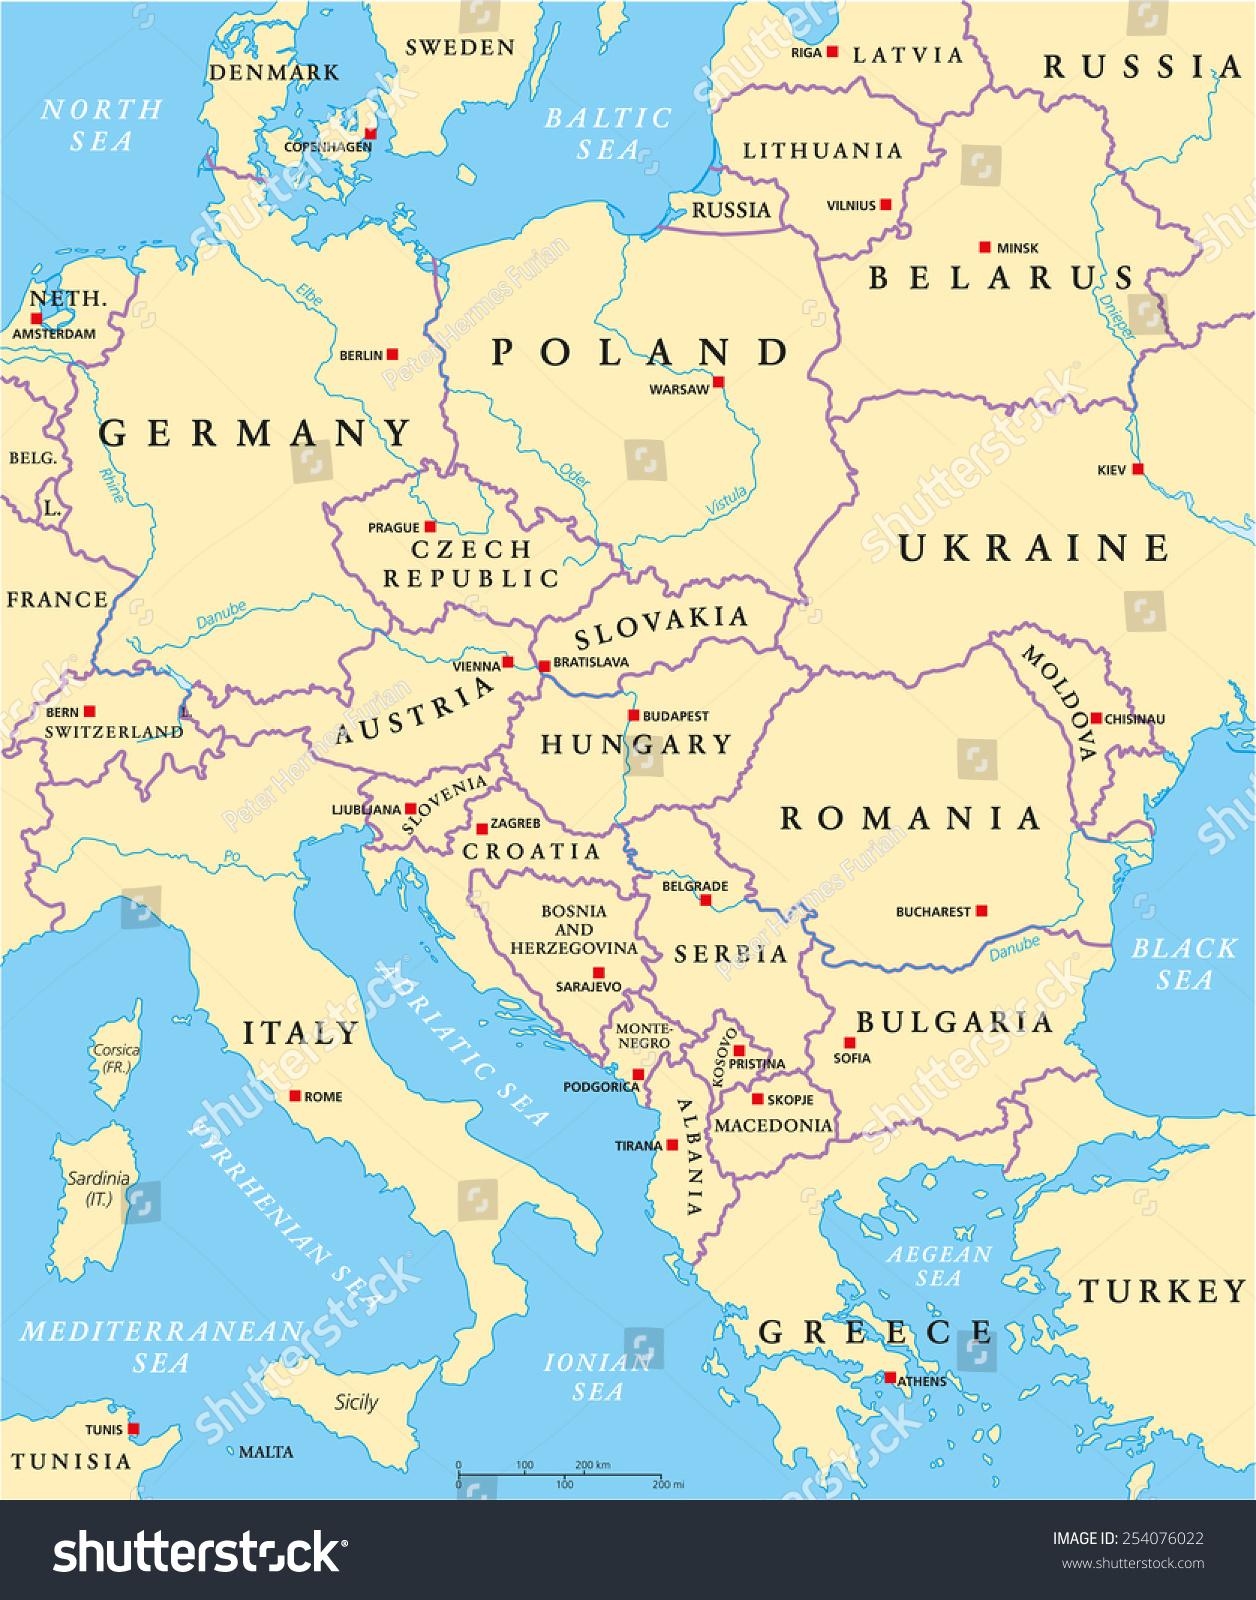 Image Vectorielle De Stock De Carte Politique De L'europe concernant Carte Des Capitales De L Europe